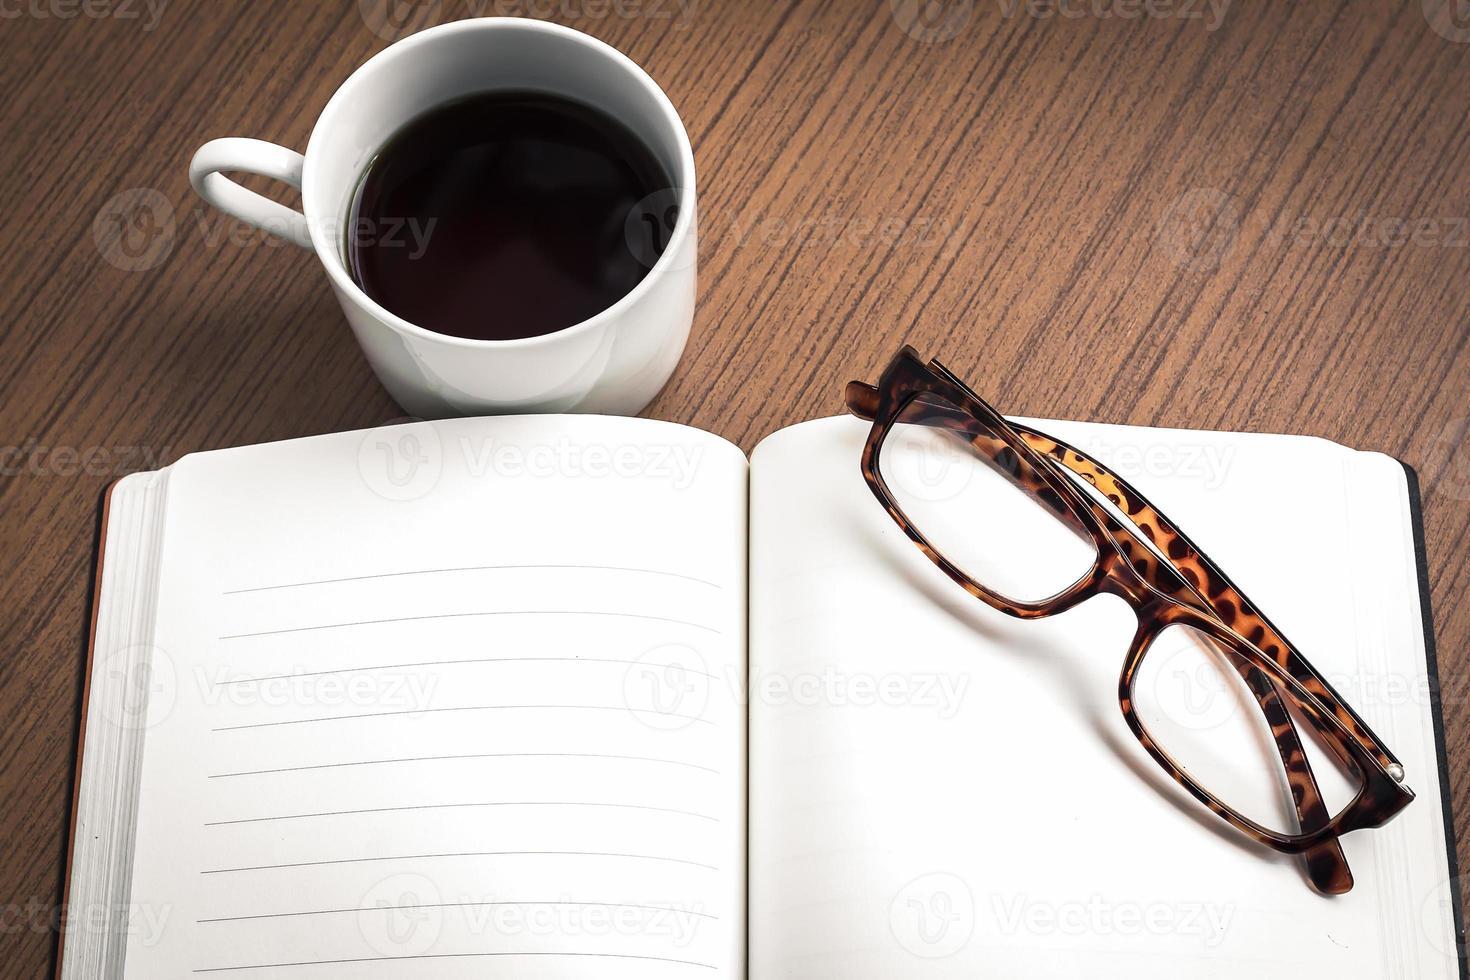 Brille auf leerem Notizbuch und Kaffee über Holztisch foto